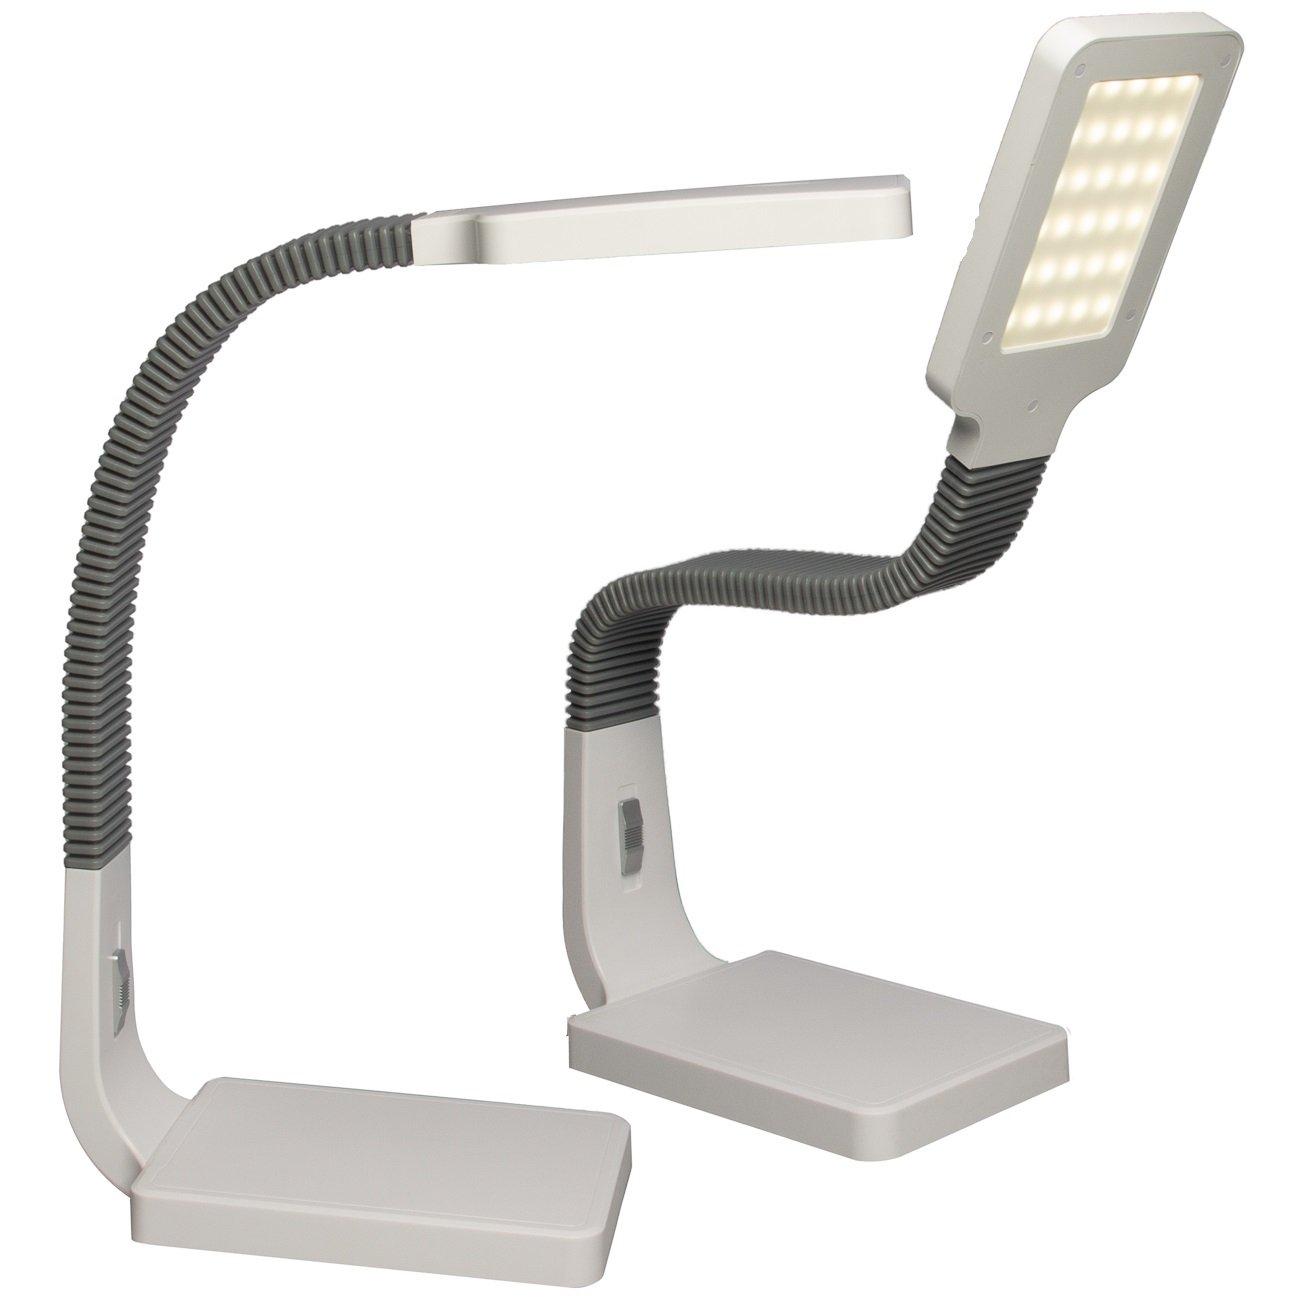 Tensor (2 Pack) 20140-000 Desk Lamp 15.5-Inch Natural Light Lamp Natural Daylight Desk Lamps Office LED Desk Lamp Adjustable Gooseneck with Slide Dimmer